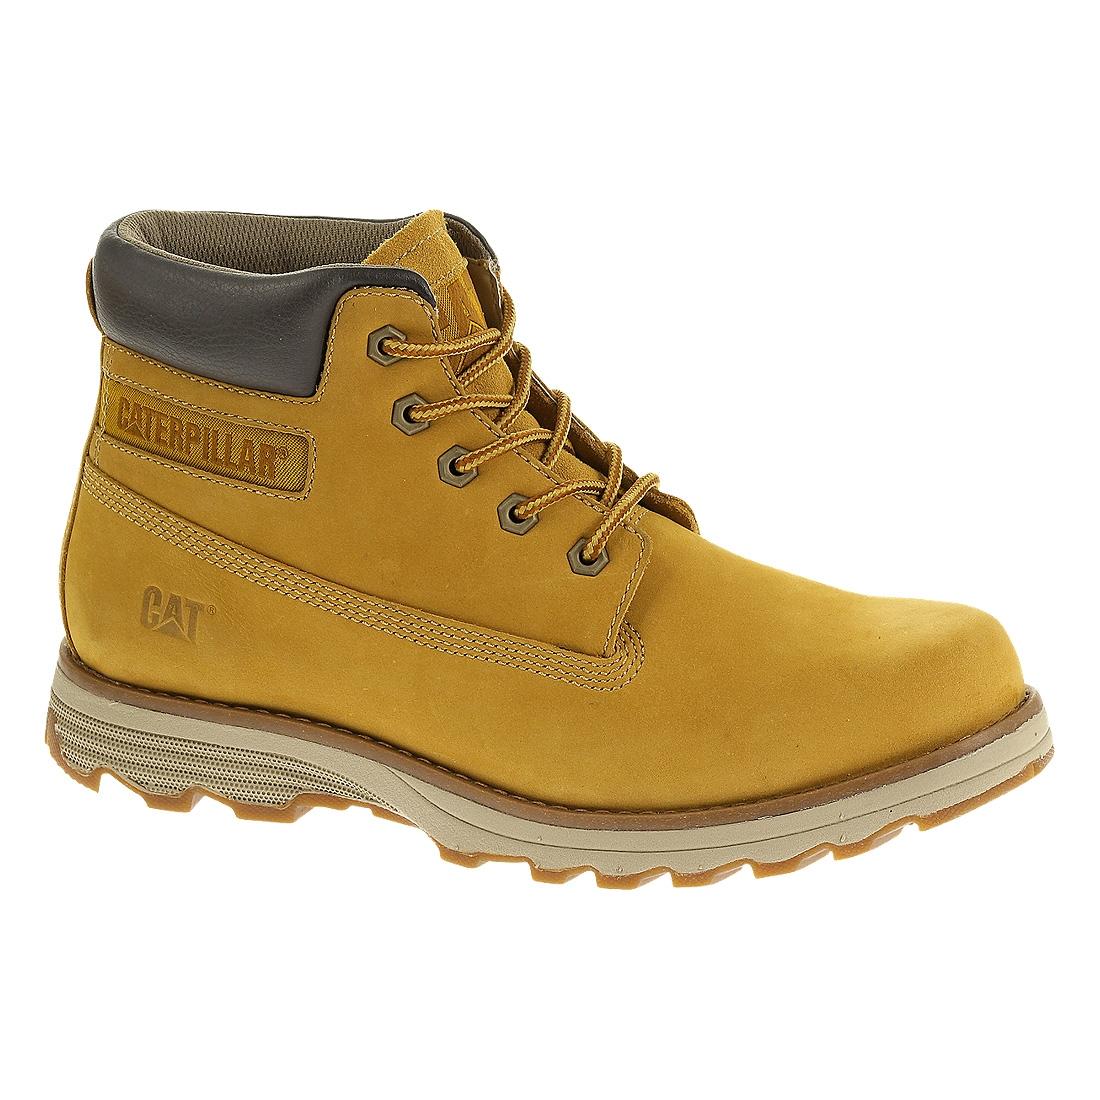 Caterpillar Founder Boots - Honey Reset - Men's Boots